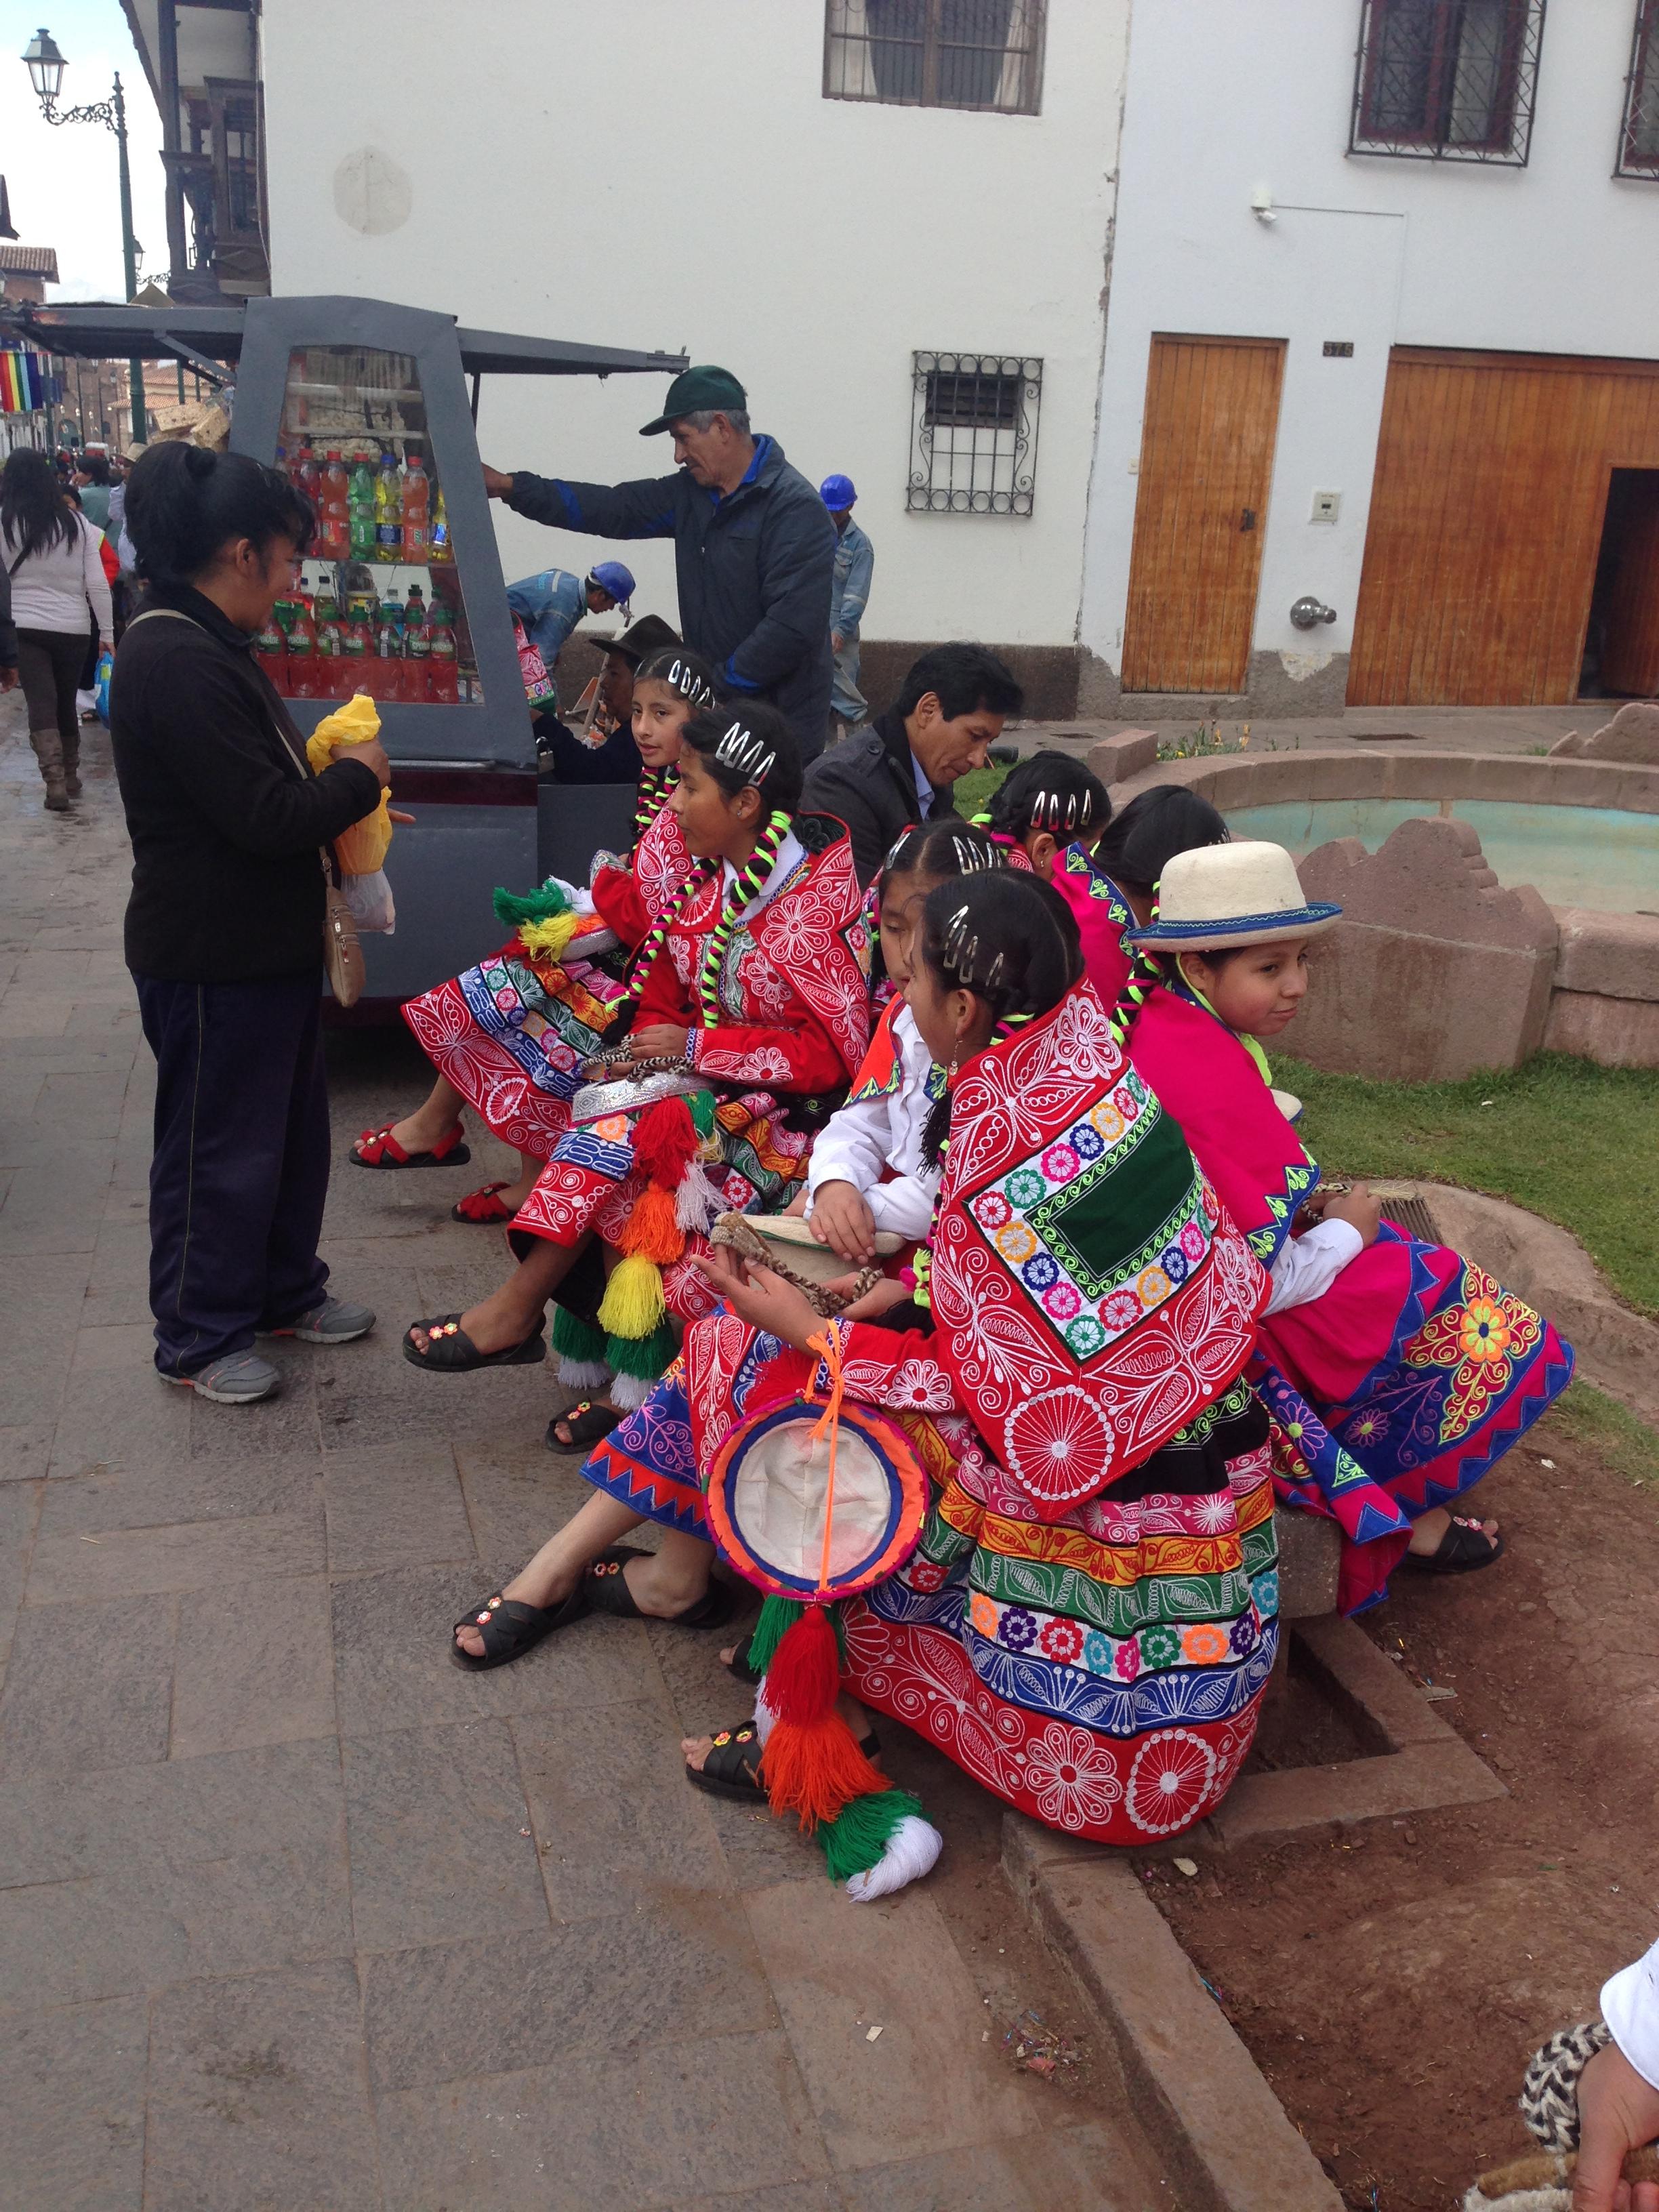 那高山, 人口約30萬人, 庫斯科省的首府,祕魯庫斯科 – WHERE IS YORK